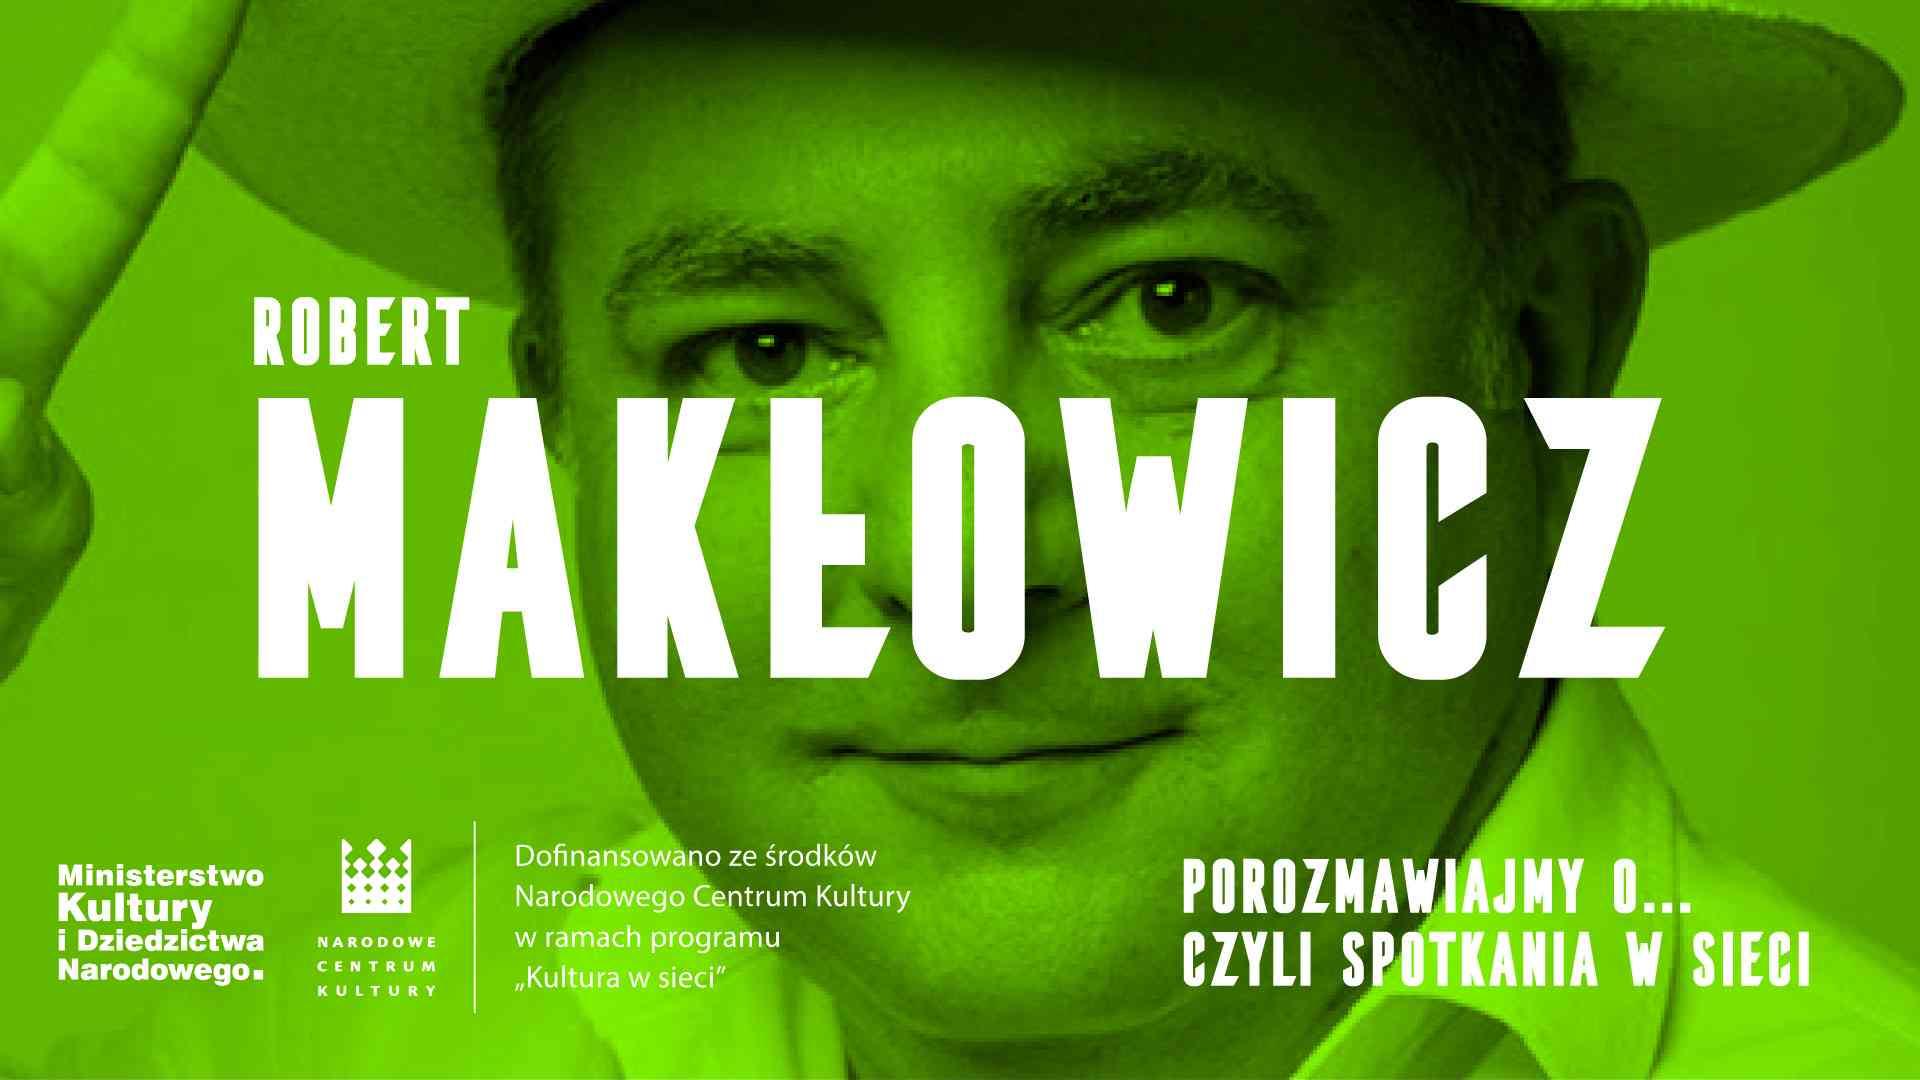 Porozmawiajmy o… czyli spotkania w sieci. Robert Makłowicz